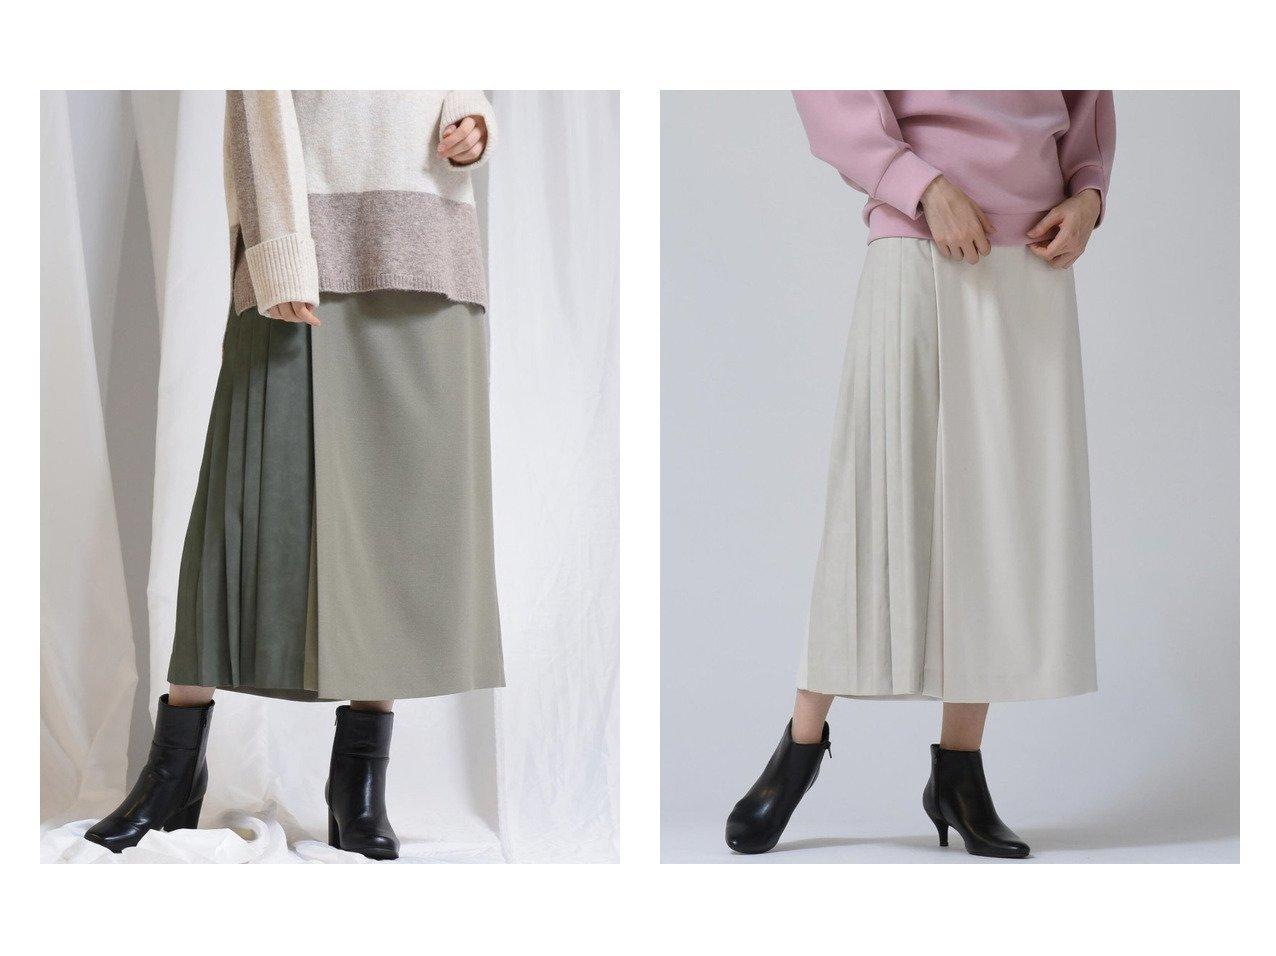 【MAYSON GREY/メイソングレイ】のレザーコンビサイドプリーツスカーチョ パンツのおすすめ!人気、トレンド・レディースファッションの通販  おすすめで人気の流行・トレンド、ファッションの通販商品 メンズファッション・キッズファッション・インテリア・家具・レディースファッション・服の通販 founy(ファニー) https://founy.com/ ファッション Fashion レディースファッション WOMEN パンツ Pants ジーンズ |ID:crp329100000018866